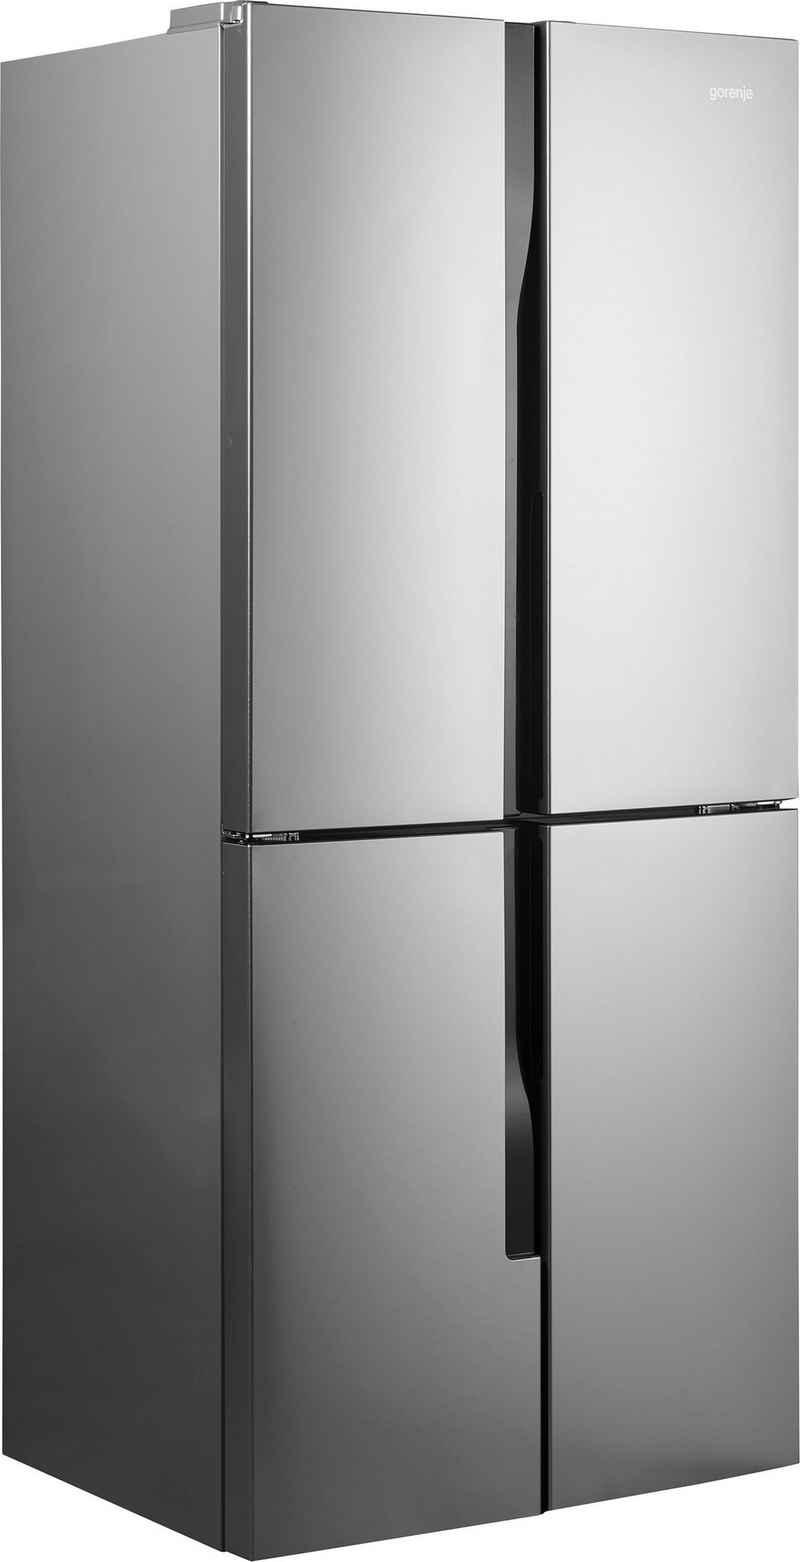 GORENJE Multi Door NRM8182MX, 181,6 cm hoch, 79,4 cm breit